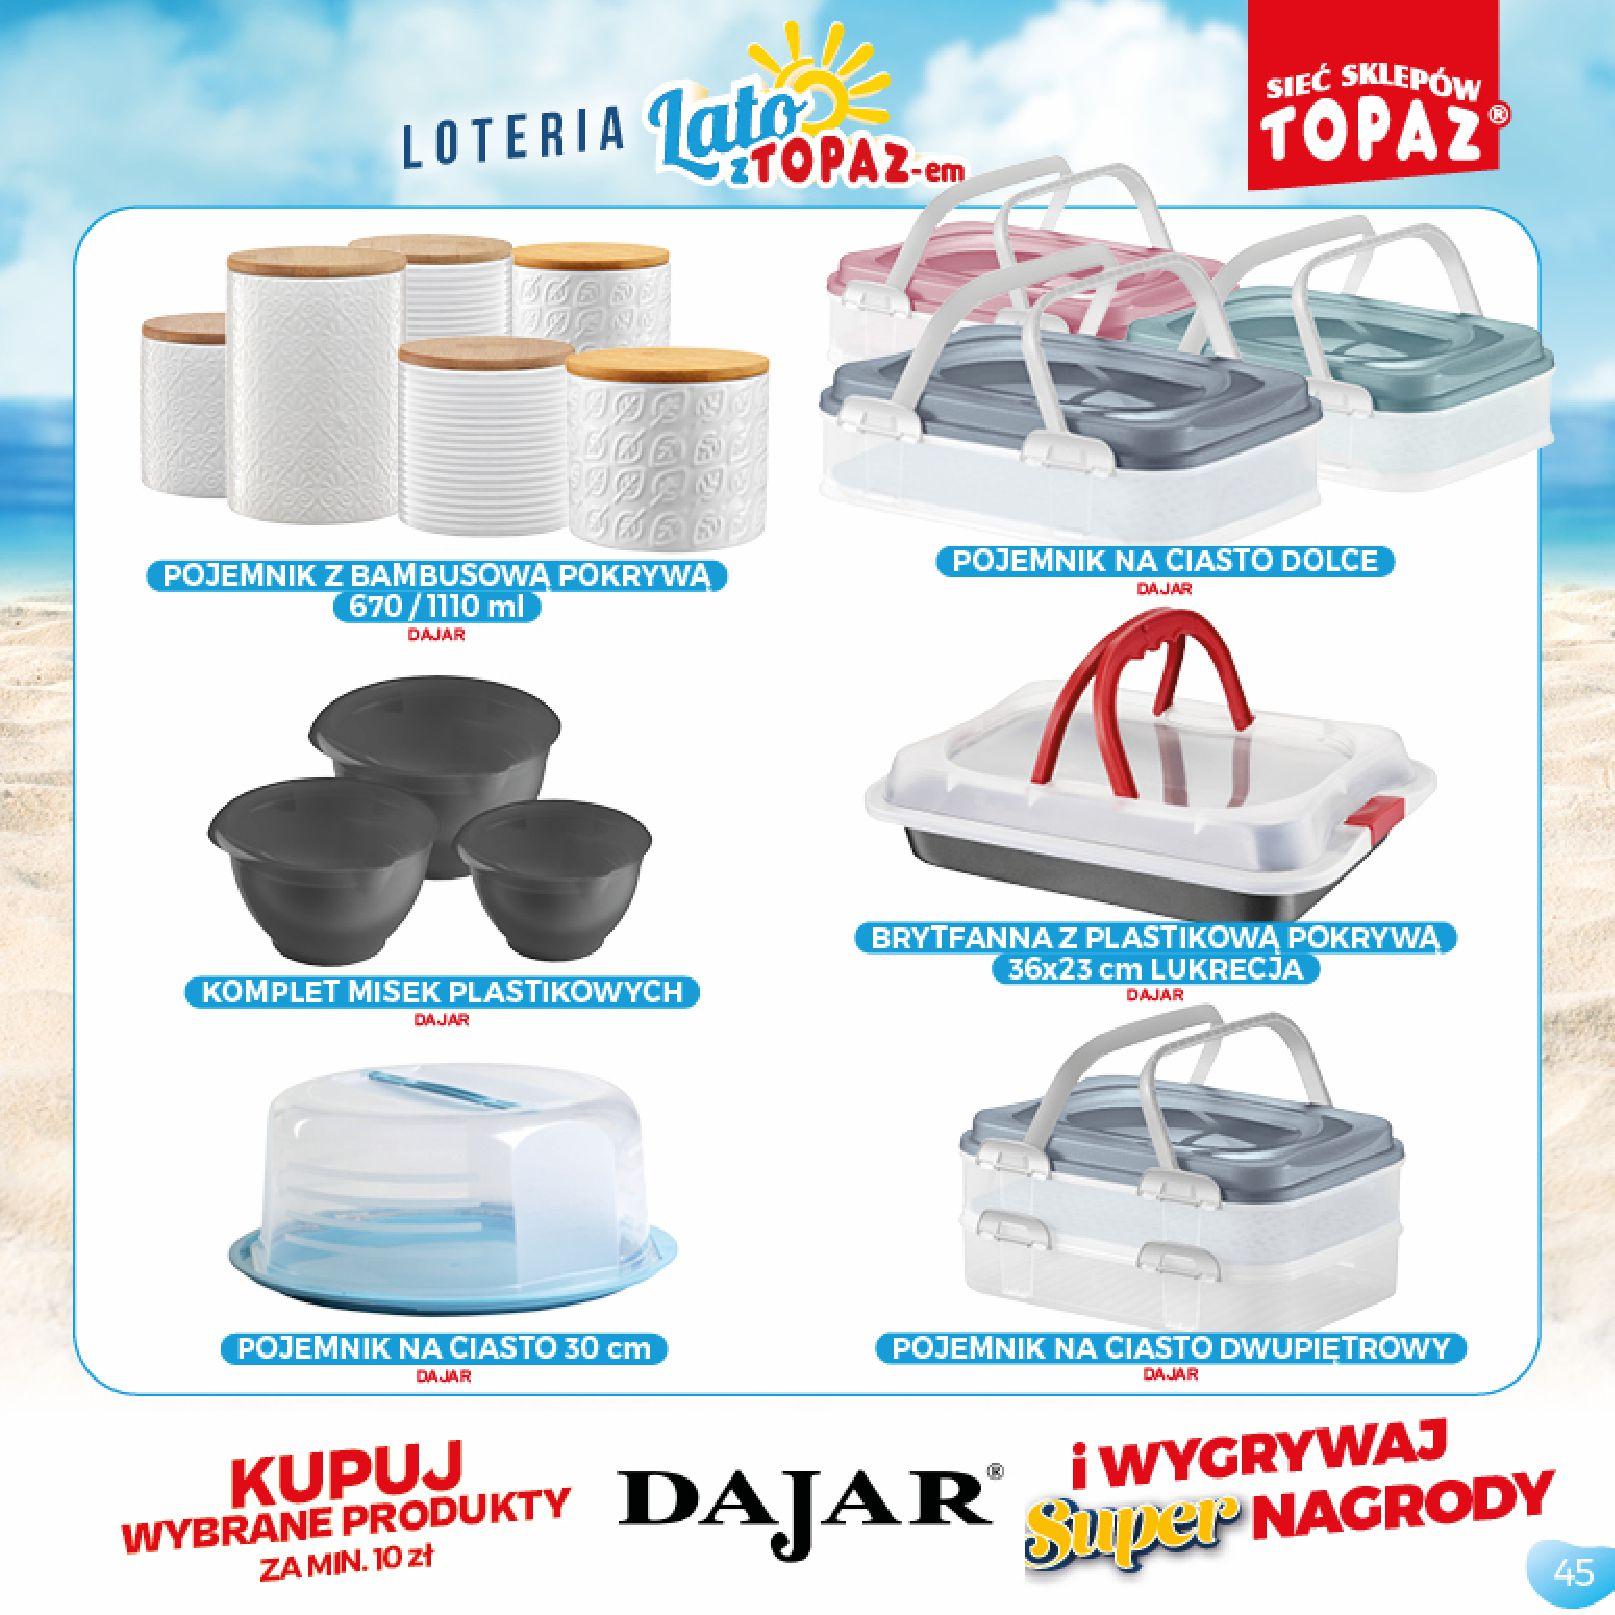 Gazetka TOPAZ: Gazetka TOPAZ - Loteria 2021-07-05 page-45